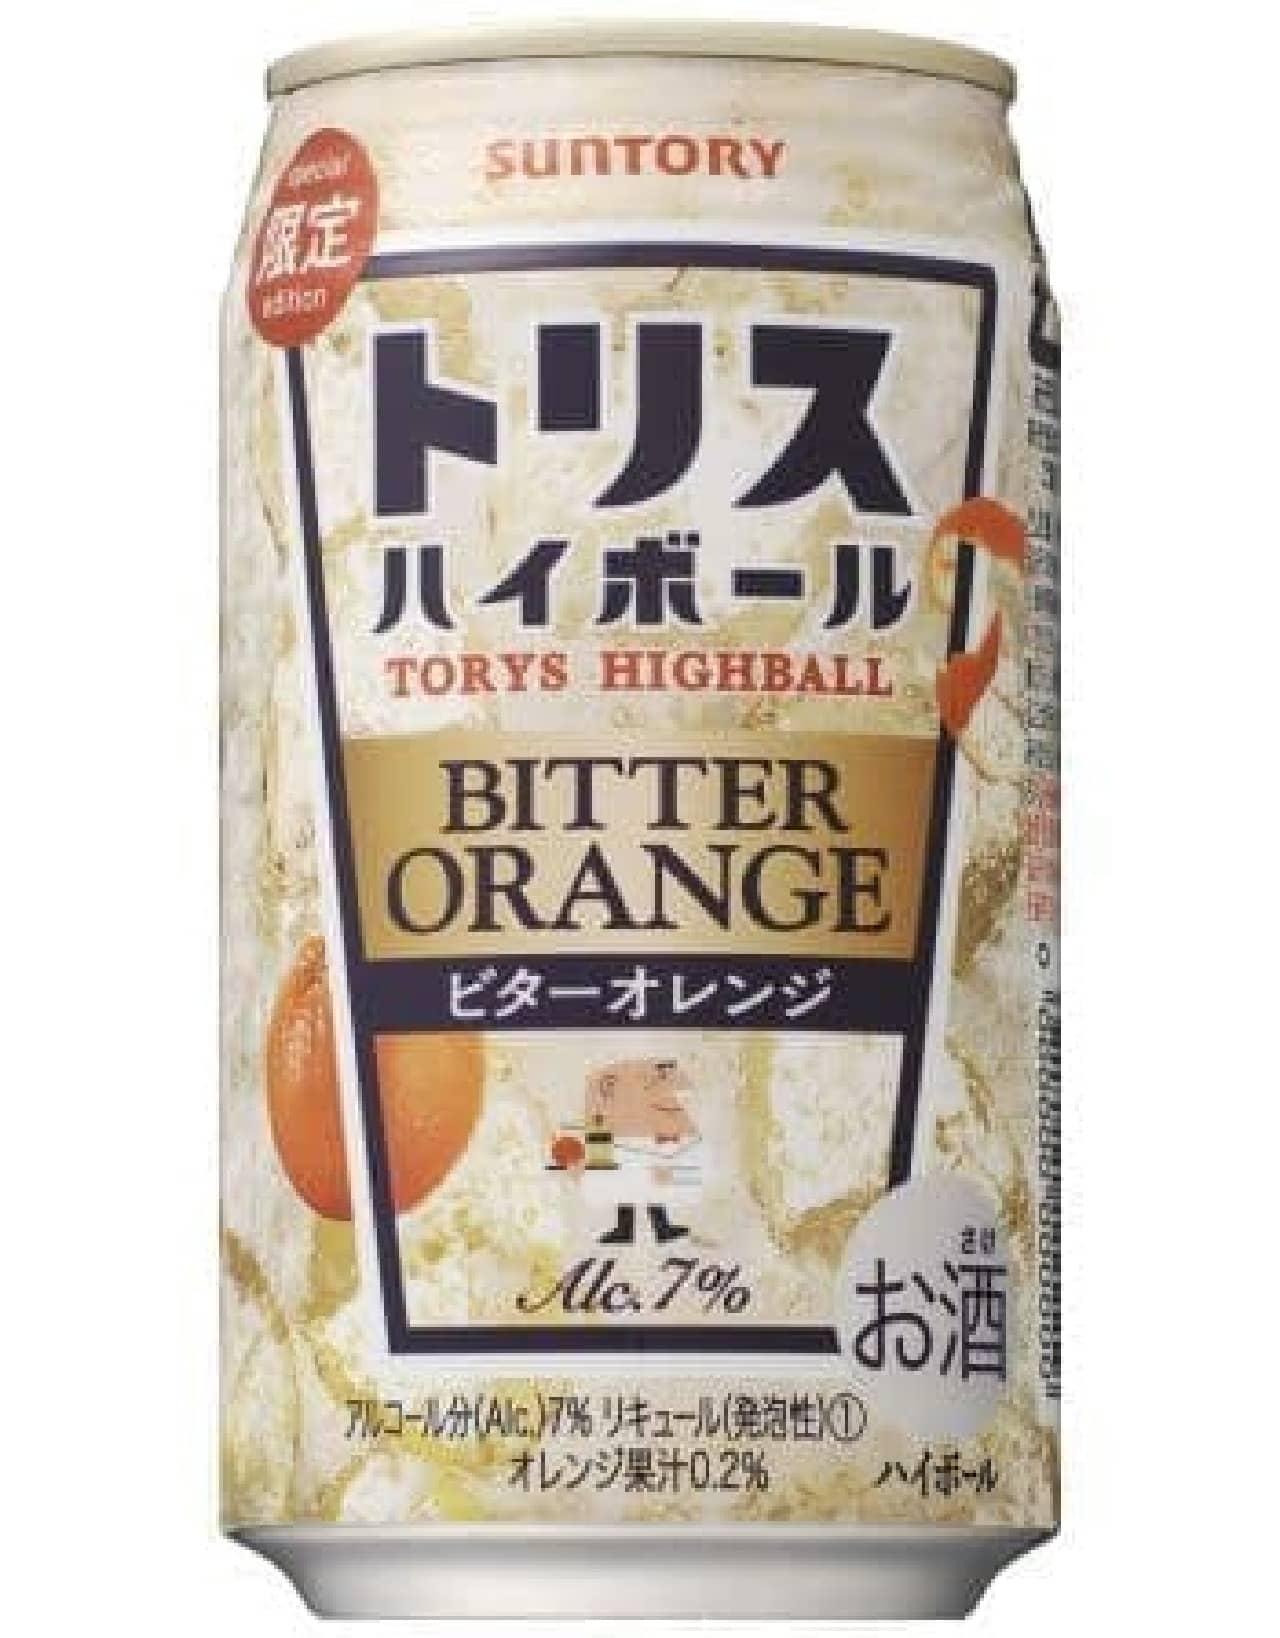 サントリー「トリスハイボール缶〈ビターオレンジ〉」